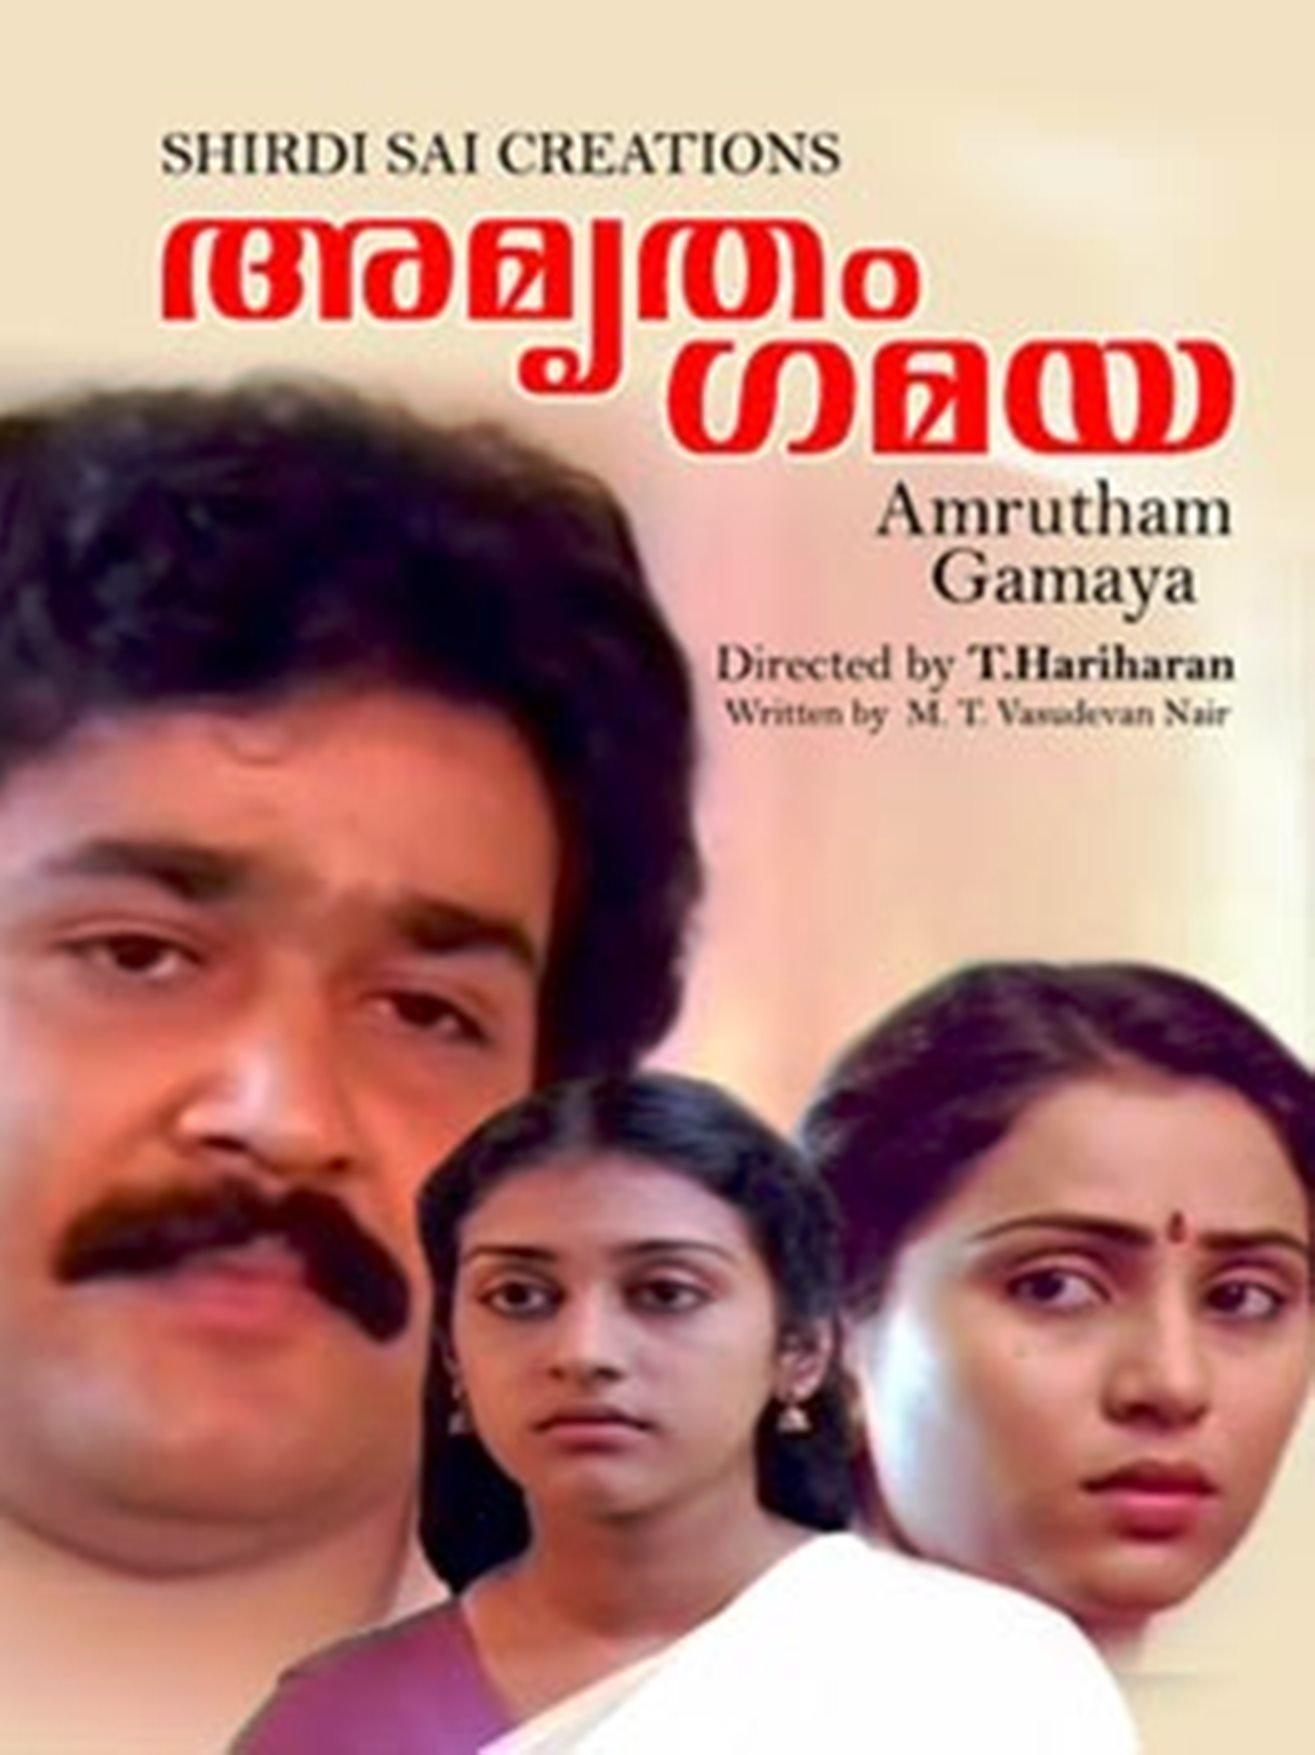 Amritamgamaya Movie Poster